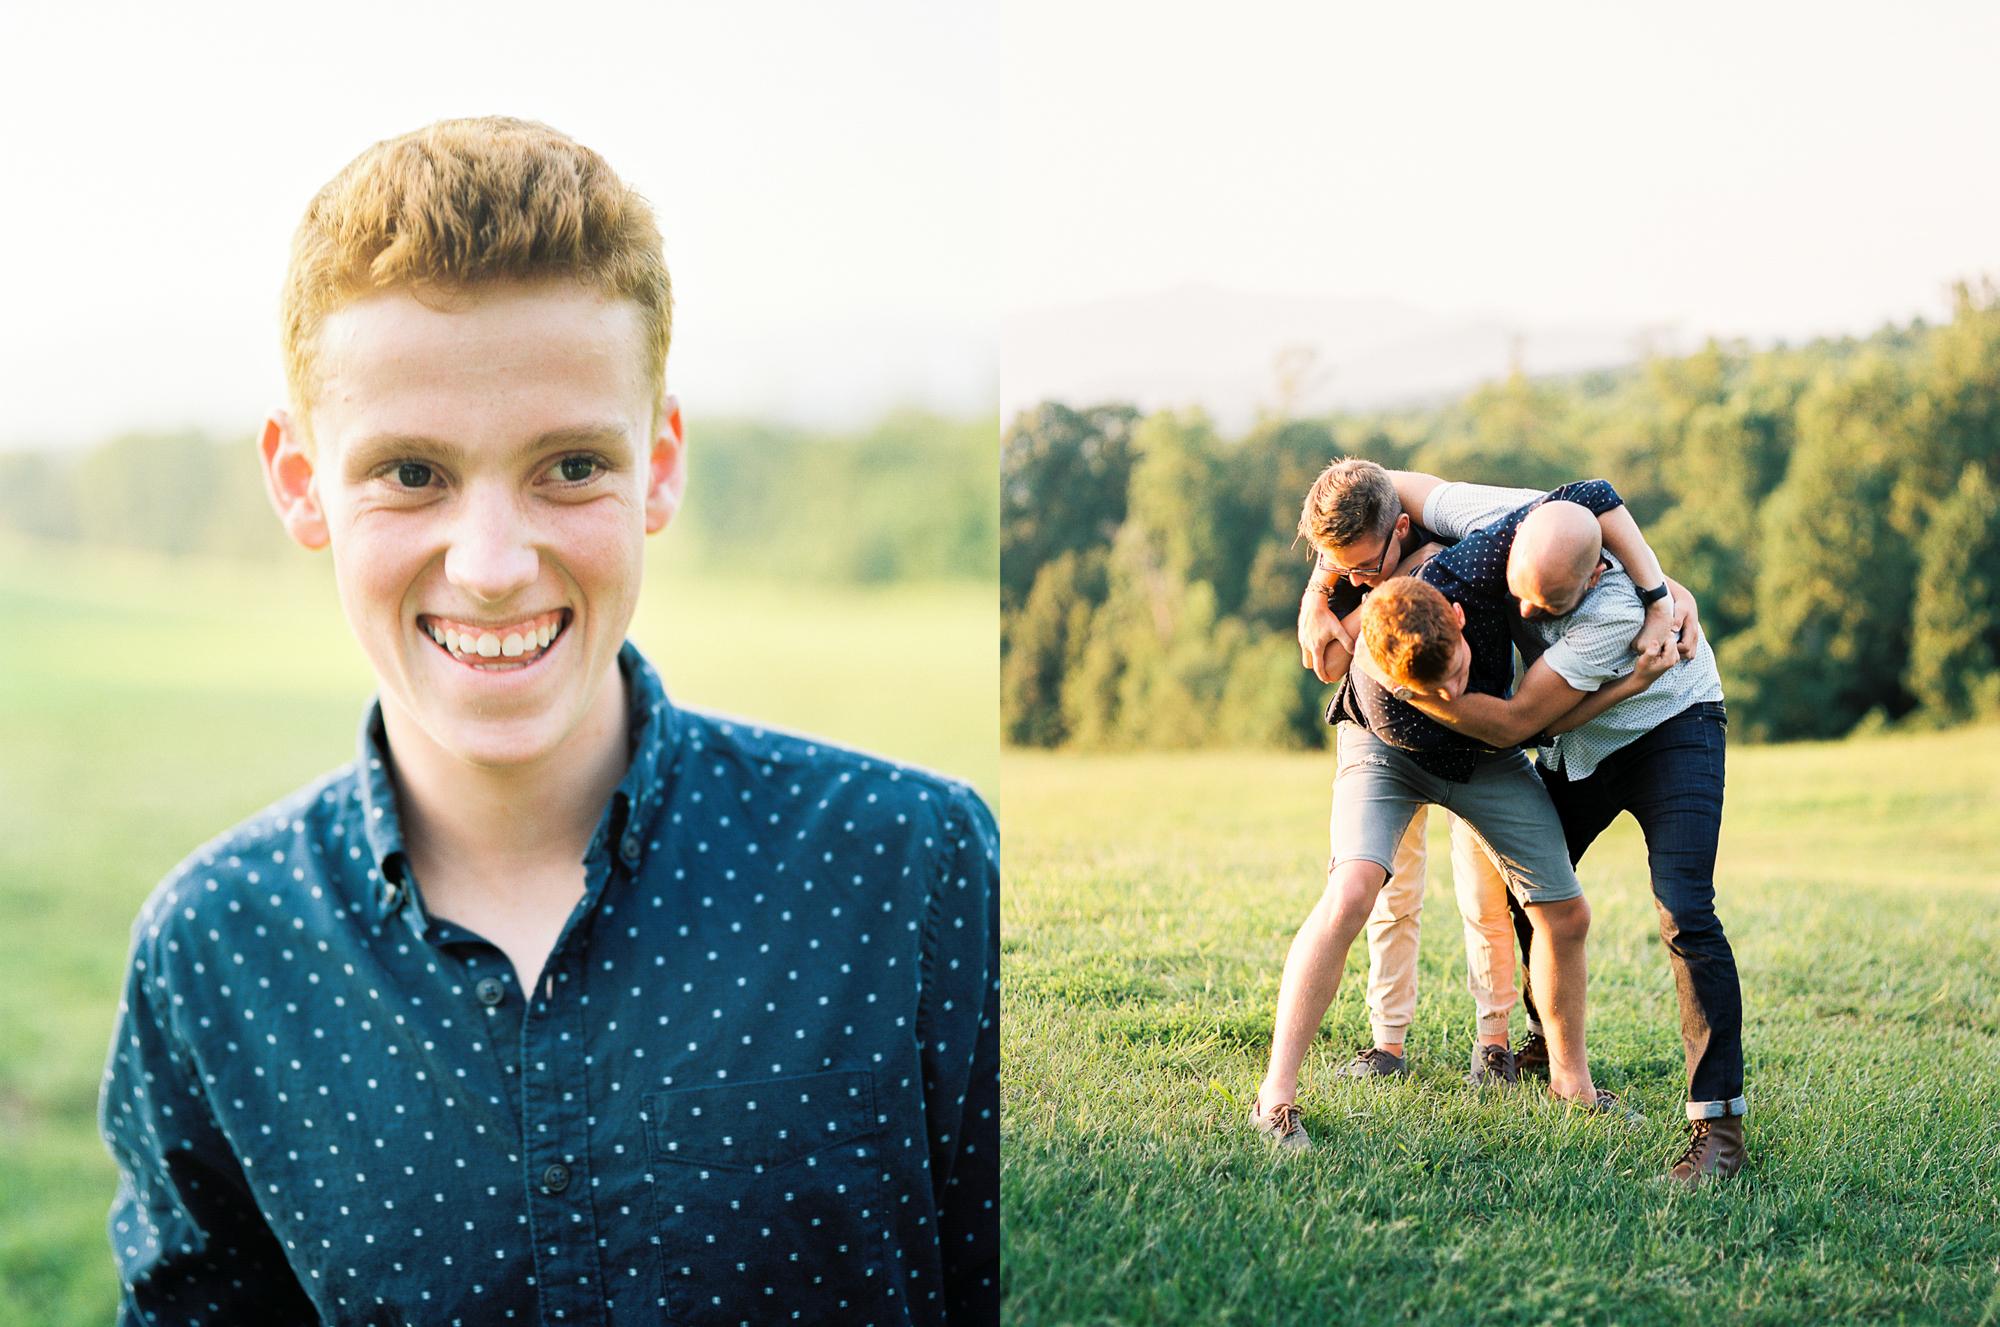 sierra-vista-family-session-charlotte-best-photographer-wedding-family-4.jpg